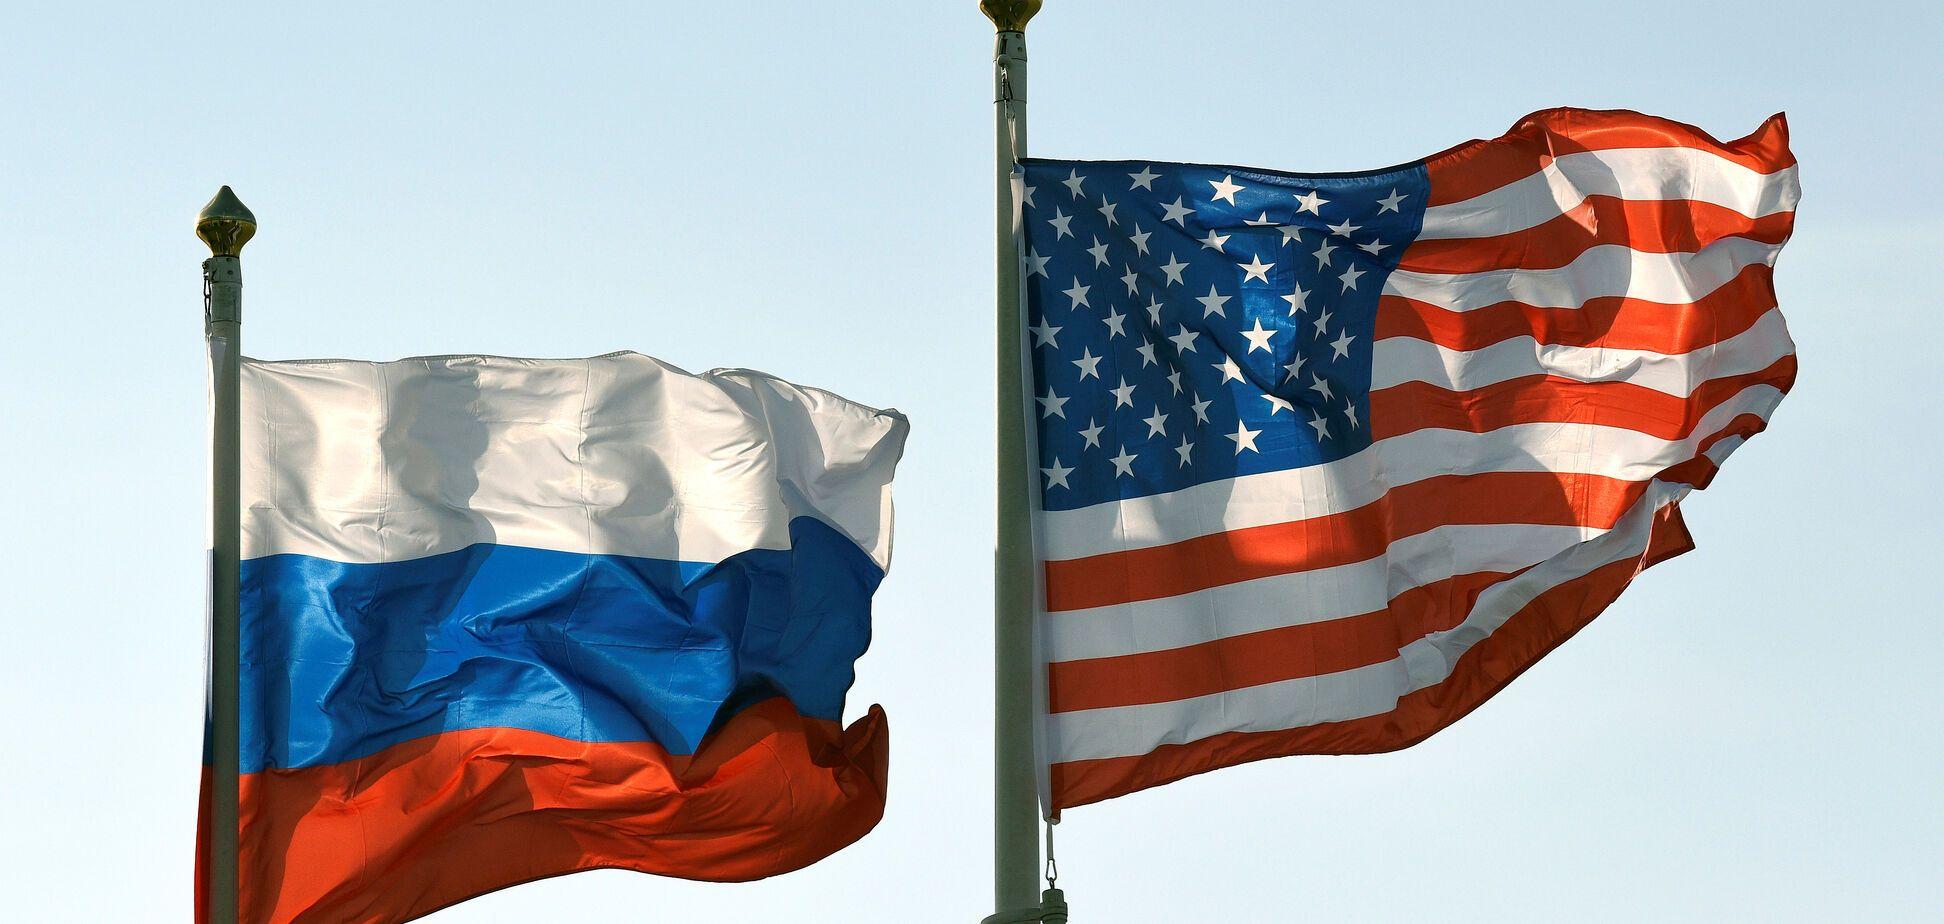 'Серьезные проблемы еще впереди': в России оценили последствия санкций